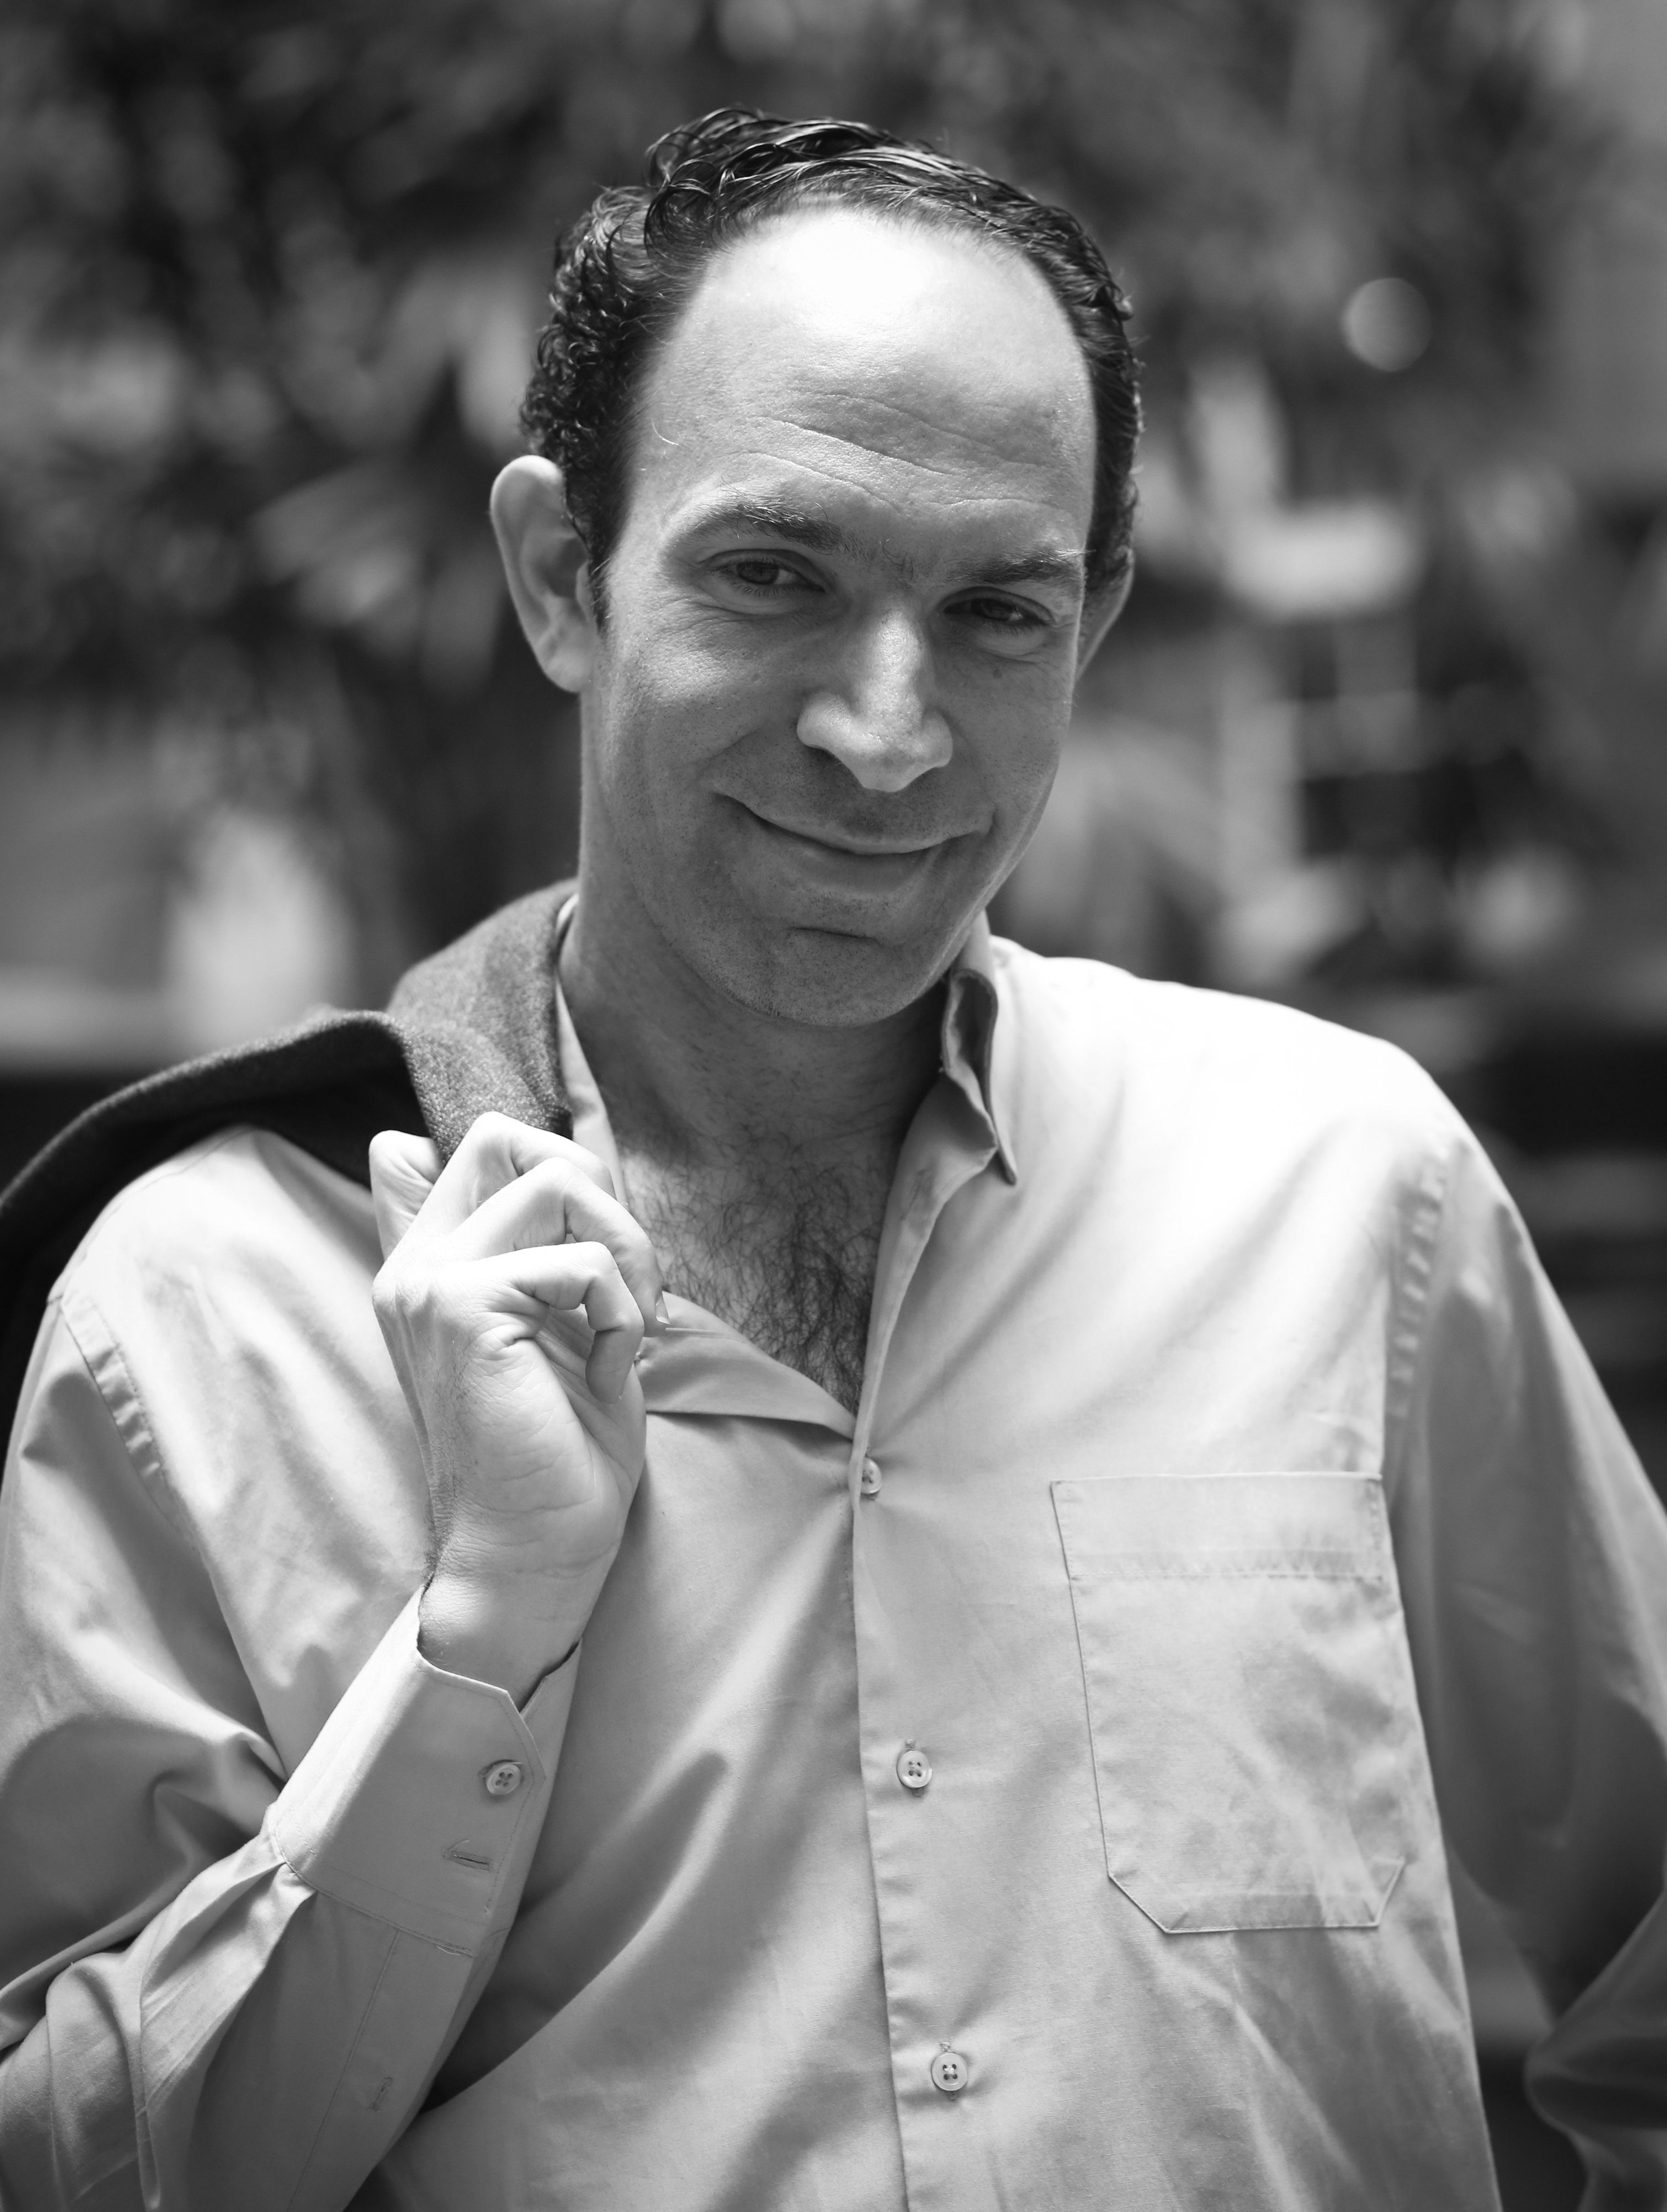 Mariano Gorodisch